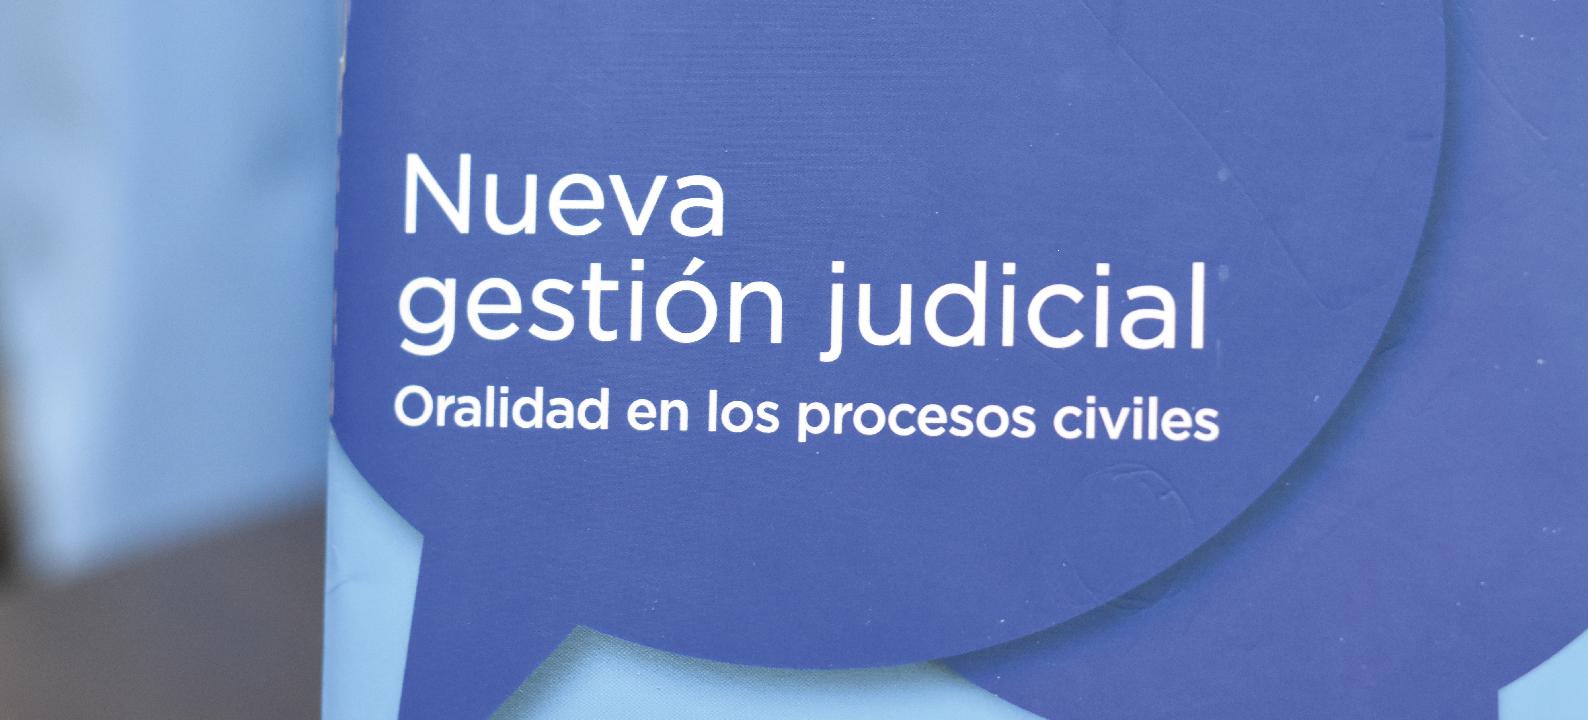 Procesos más rápidos y usuarios satisfechos: resultados positivos de la oralidad en Mendoza